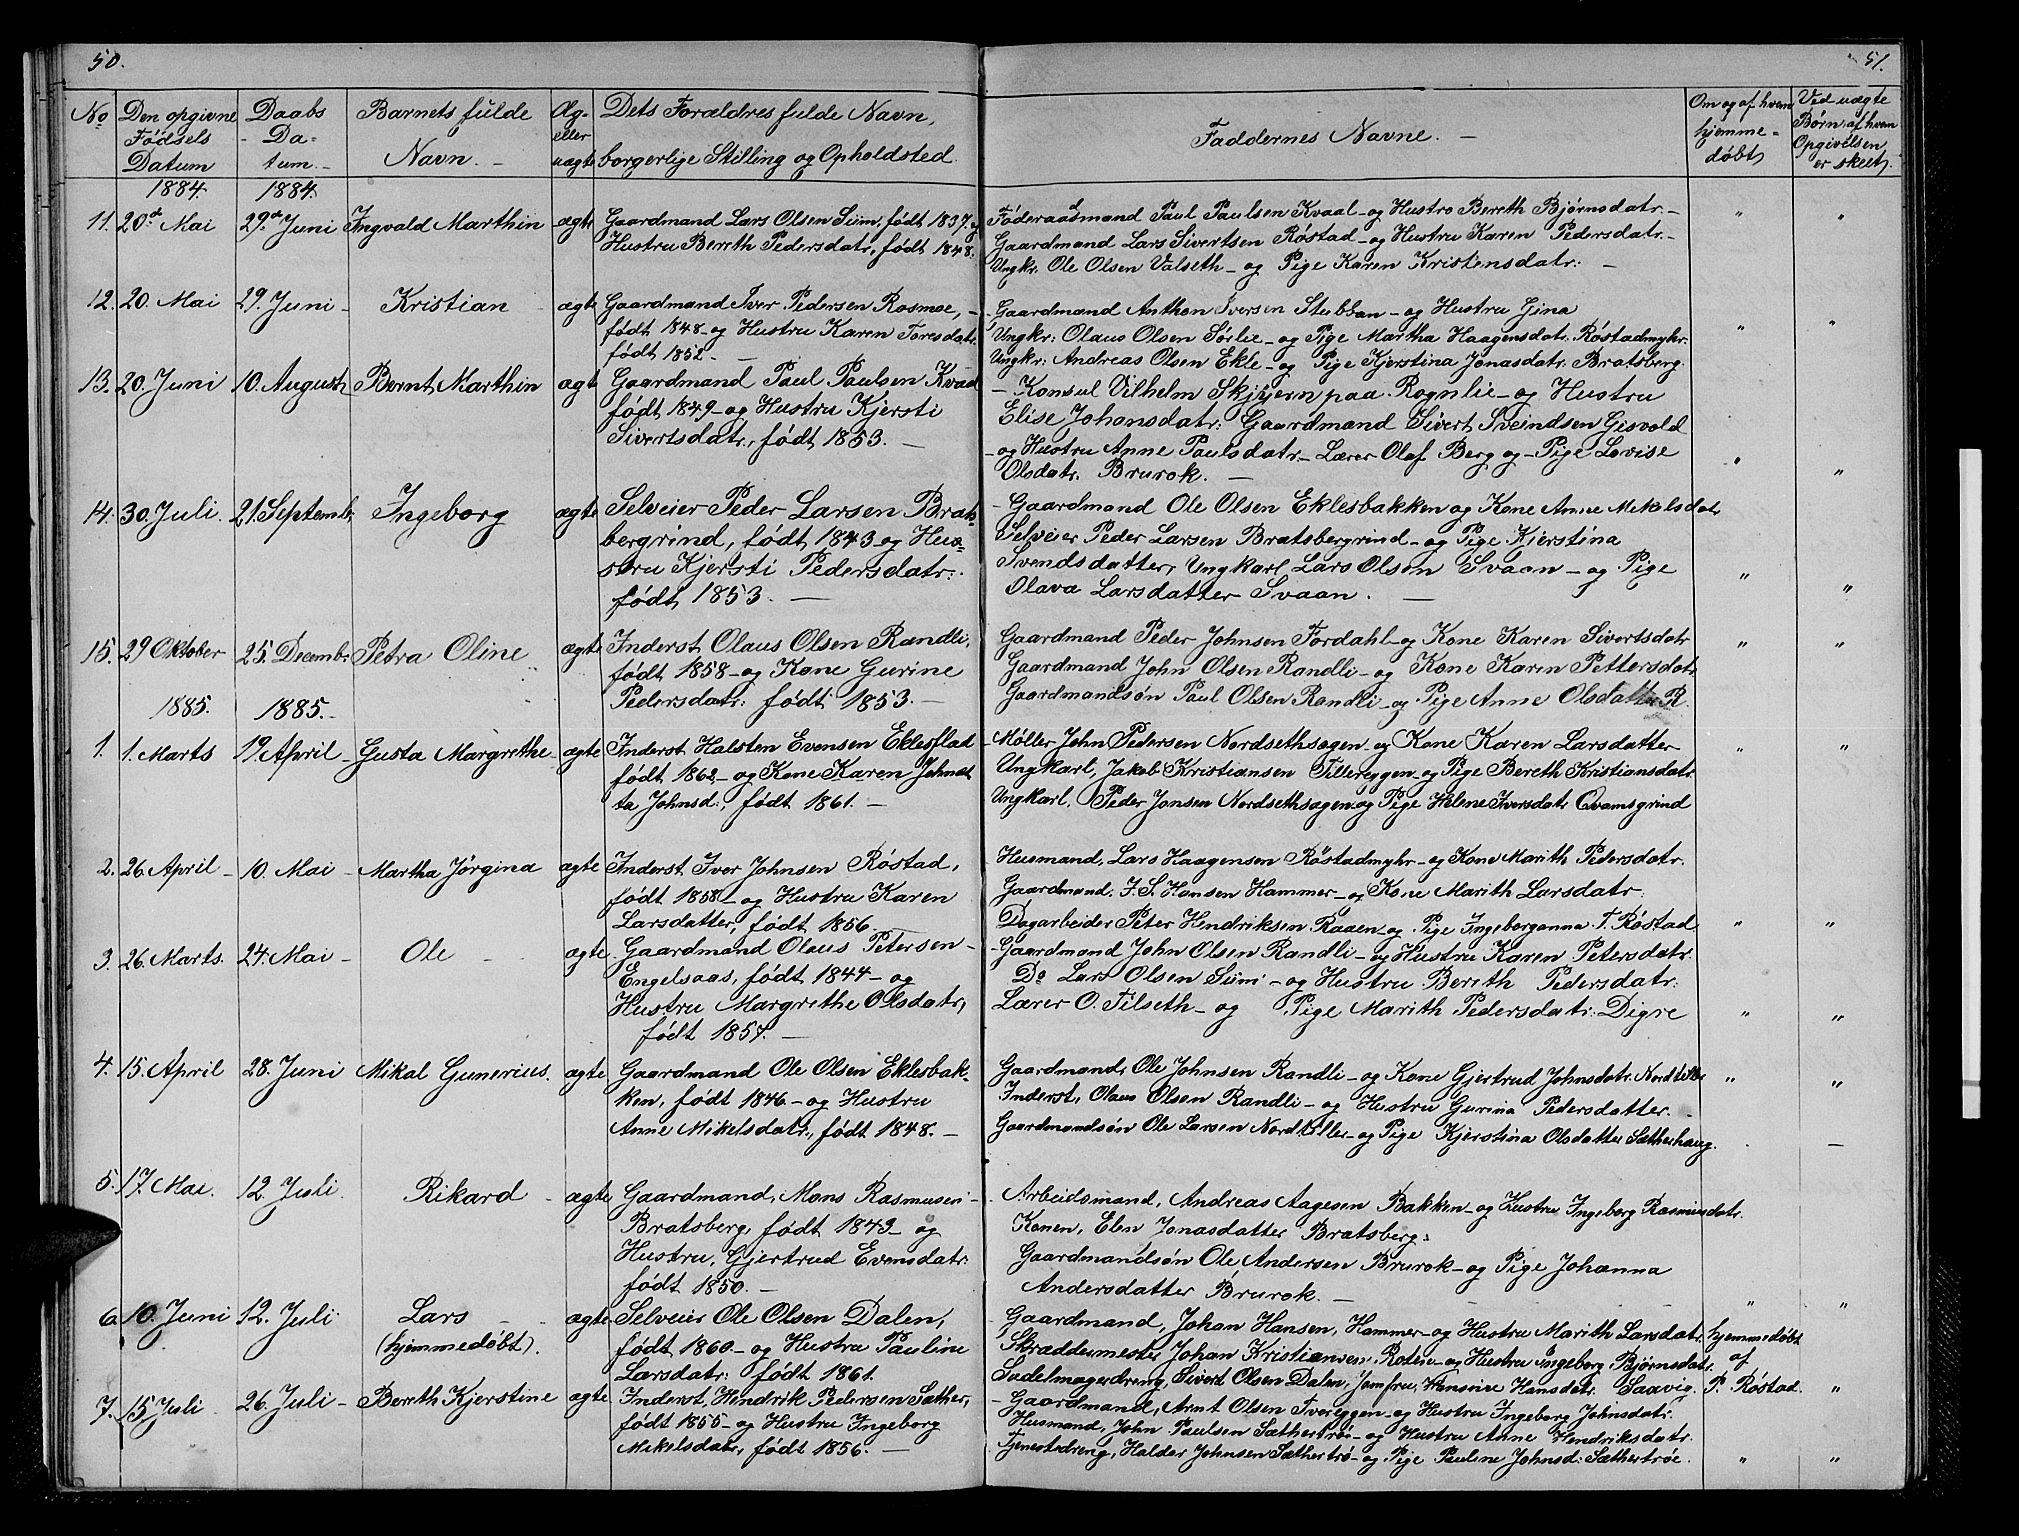 SAT, Ministerialprotokoller, klokkerbøker og fødselsregistre - Sør-Trøndelag, 608/L0340: Klokkerbok nr. 608C06, 1864-1889, s. 50-51